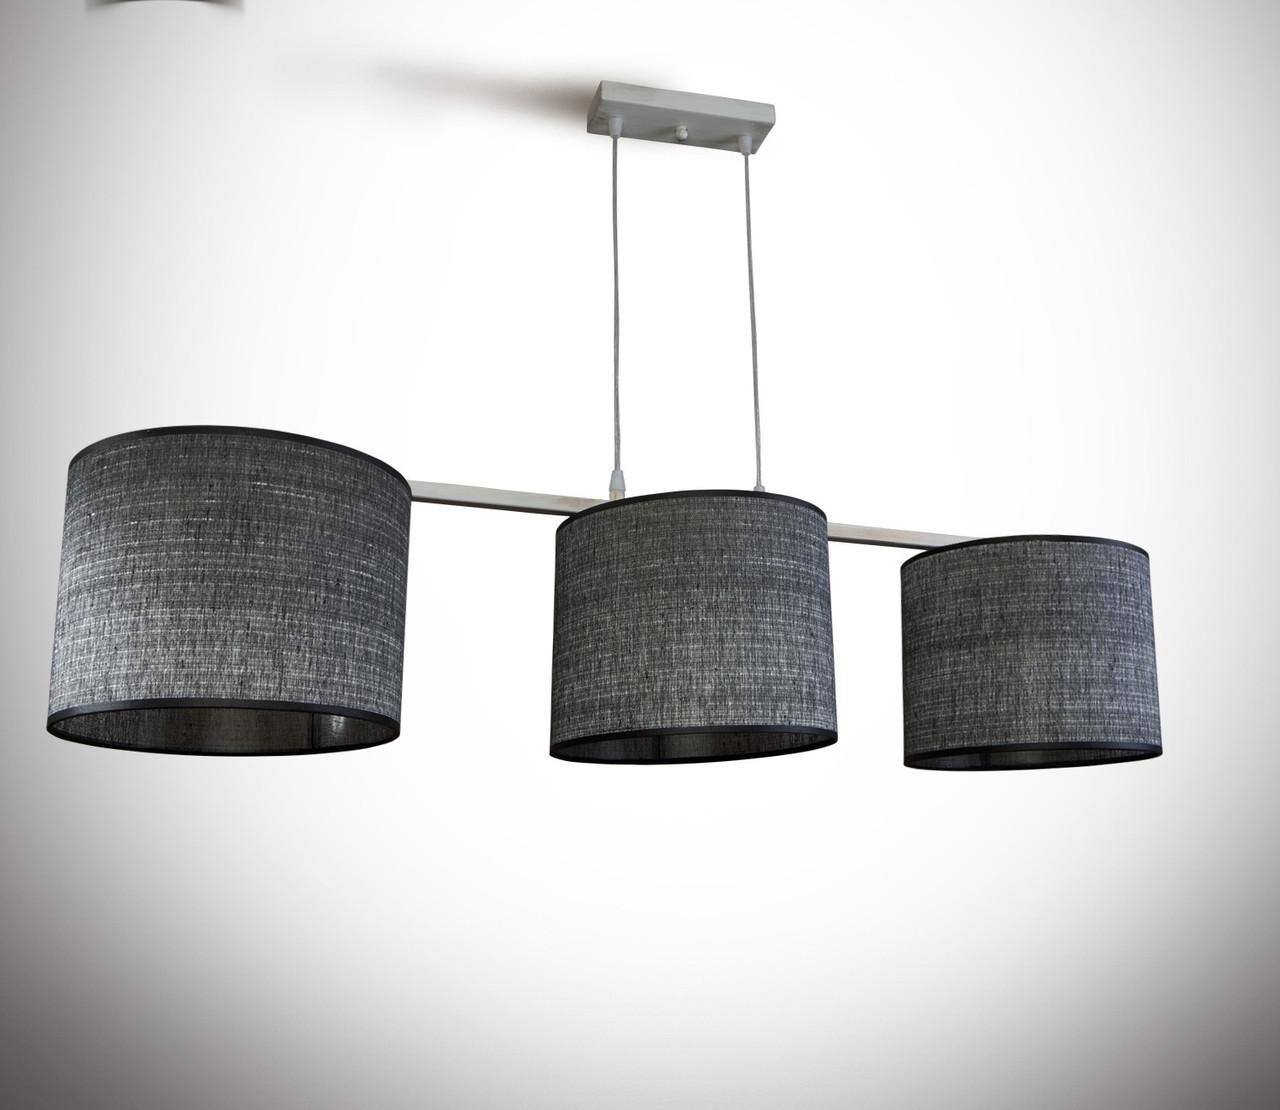 Люстра 3-х ламповая серая металлическая для спальни, кухни, детской 19333-8